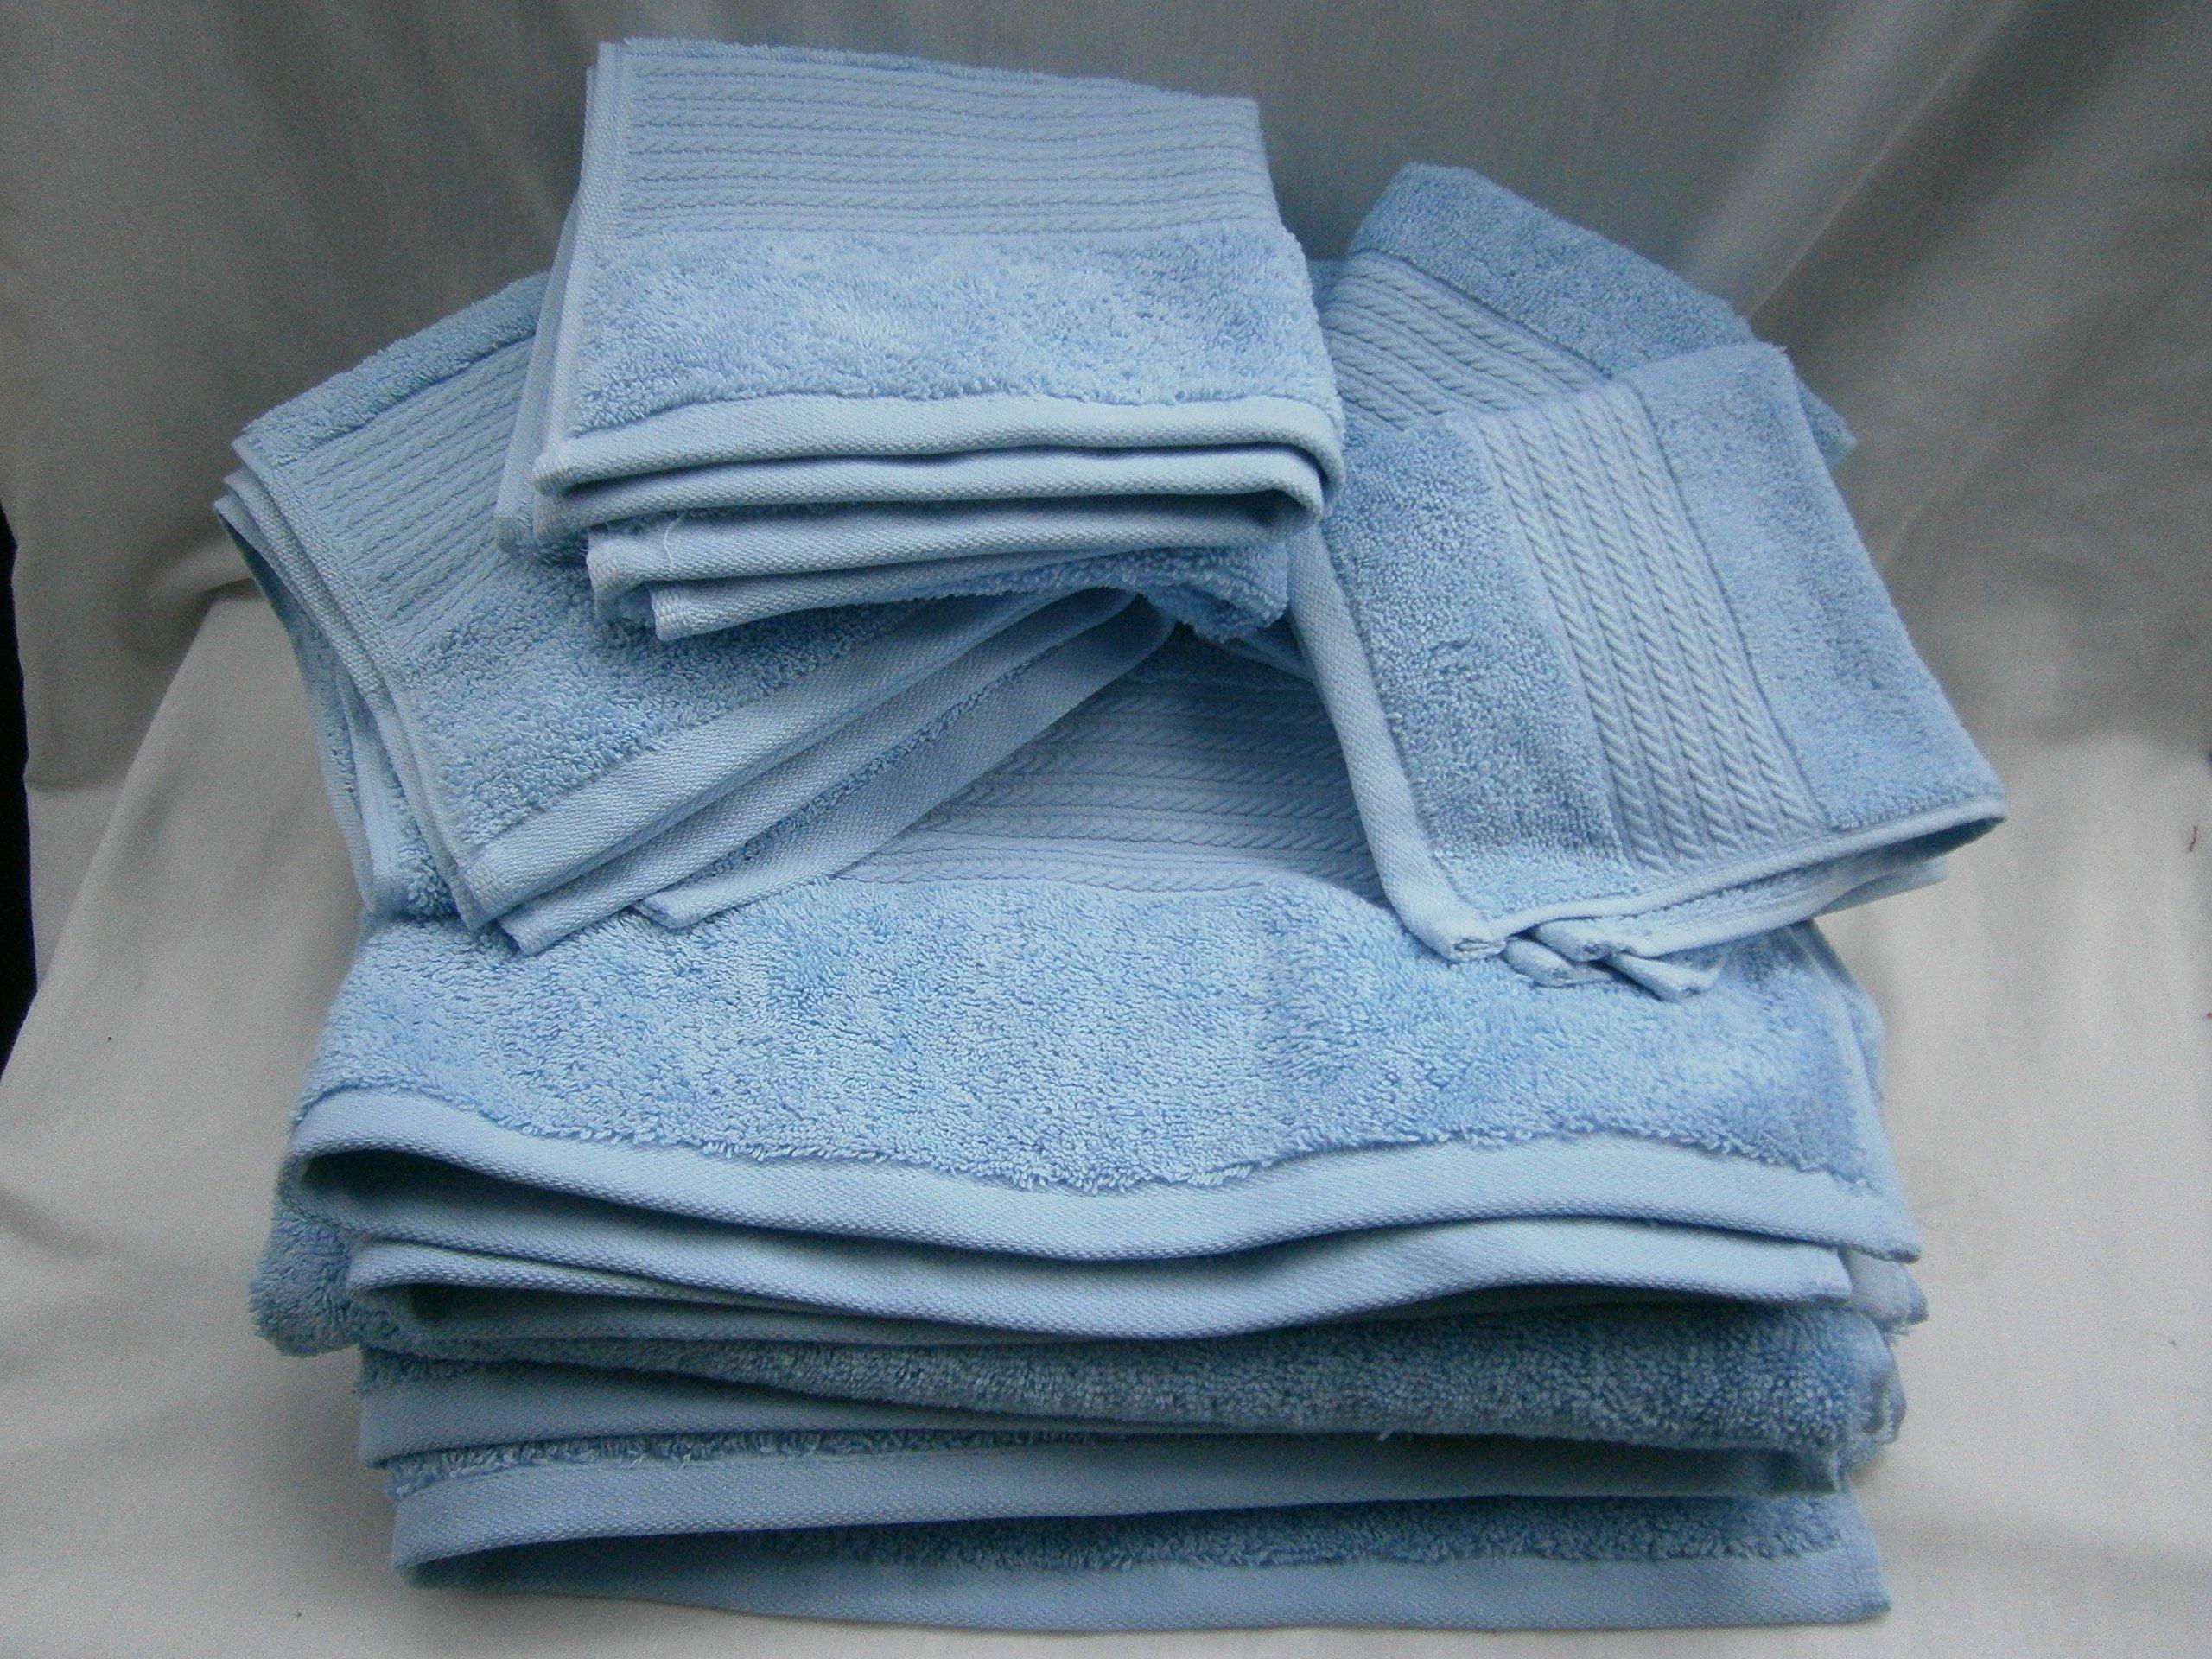 Lauren Ralph Lauren Greenwich OCEAN TIDE Baby Blue 6 piece Towel Set; 2 Bath, 2 Hand, 2 Washcloths by Polo Ralph Lauren Home Collection Showroom LLC